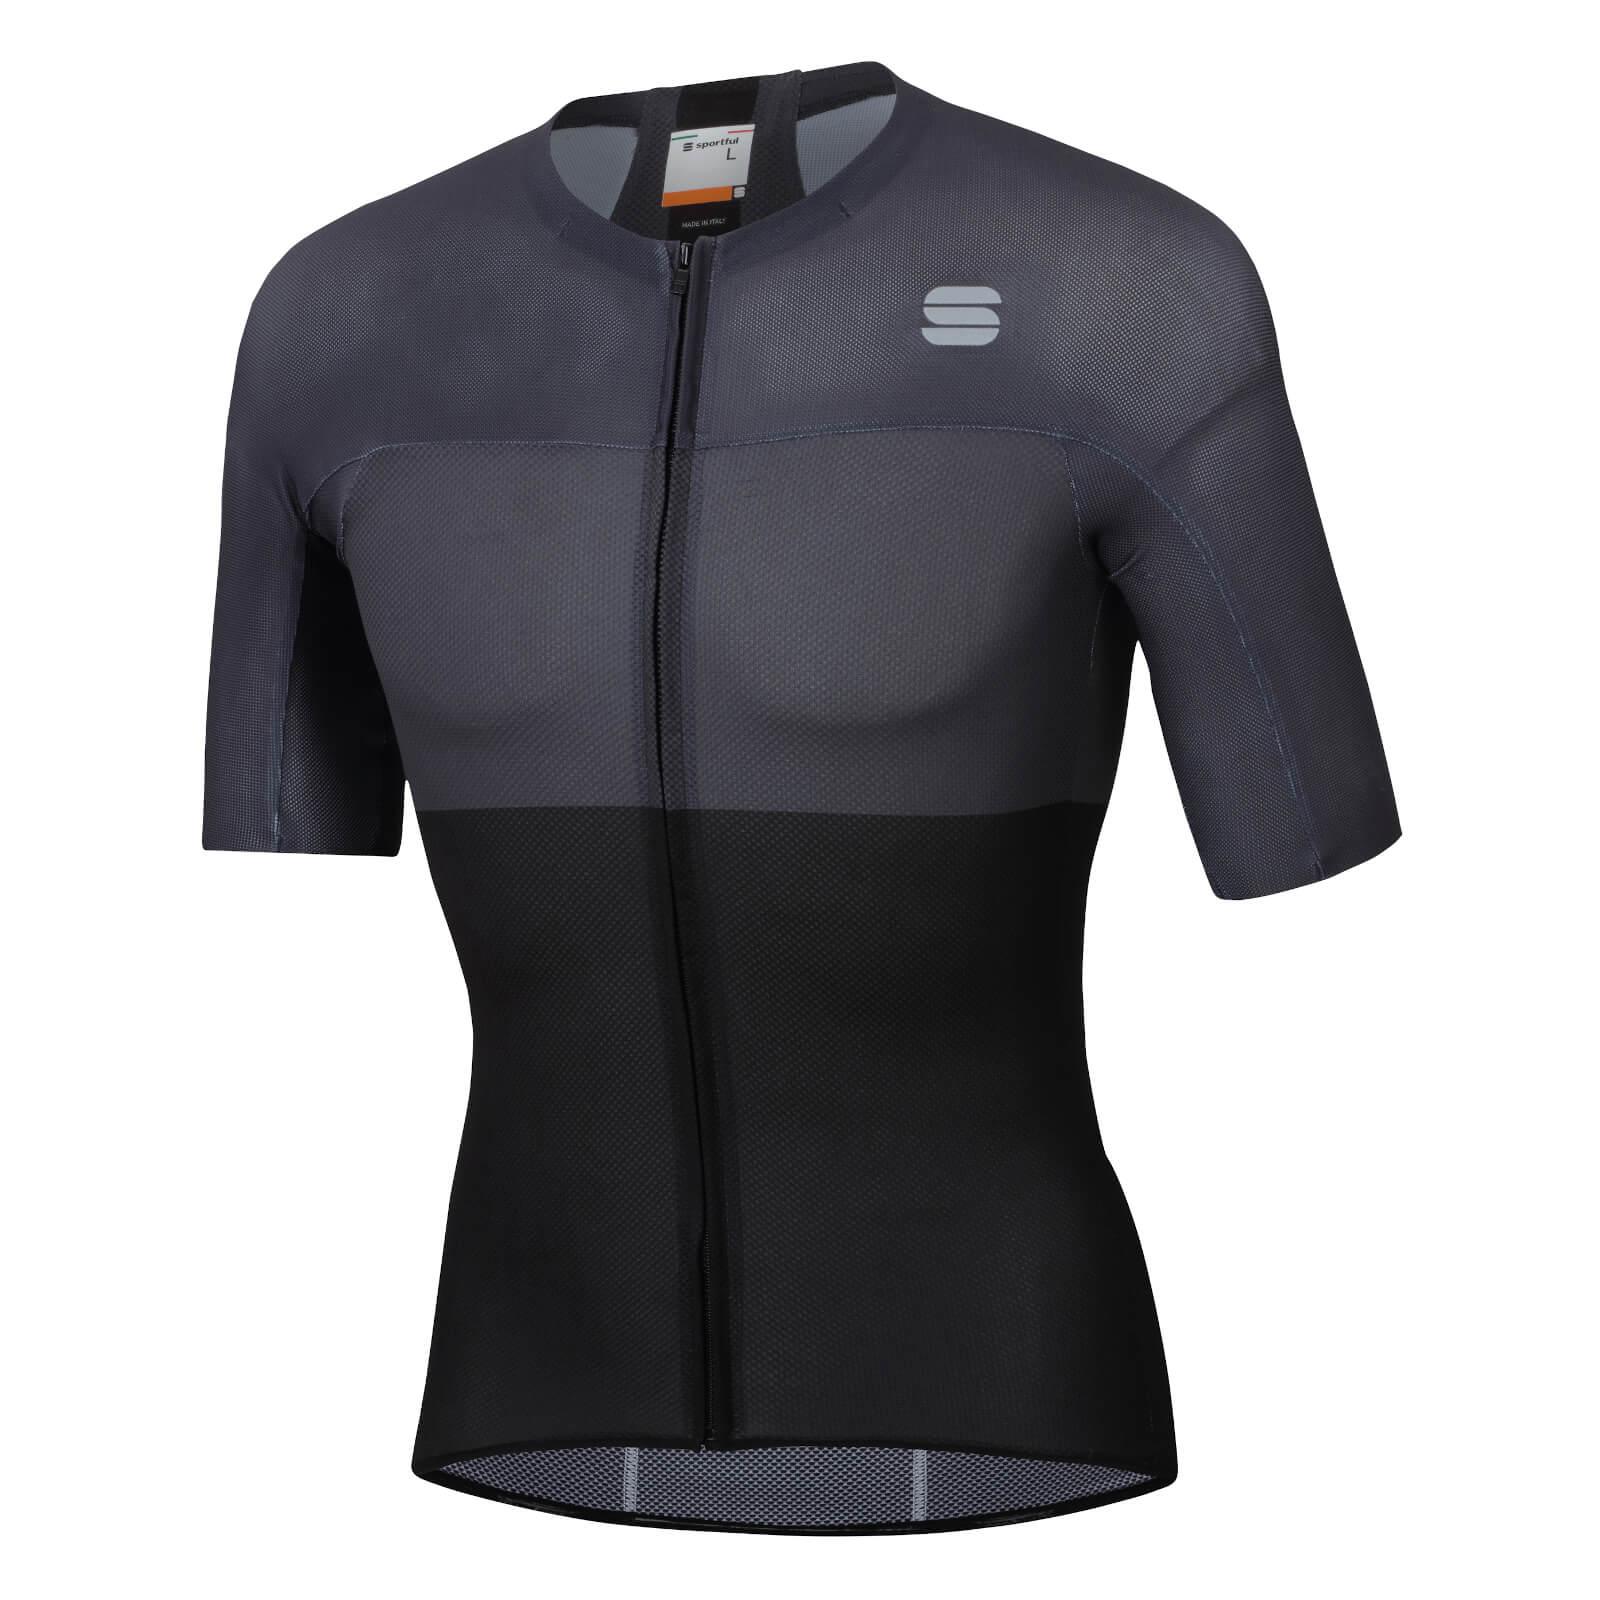 Sportful BodyFit Pro Light Jersey - S - Black/Anthracite